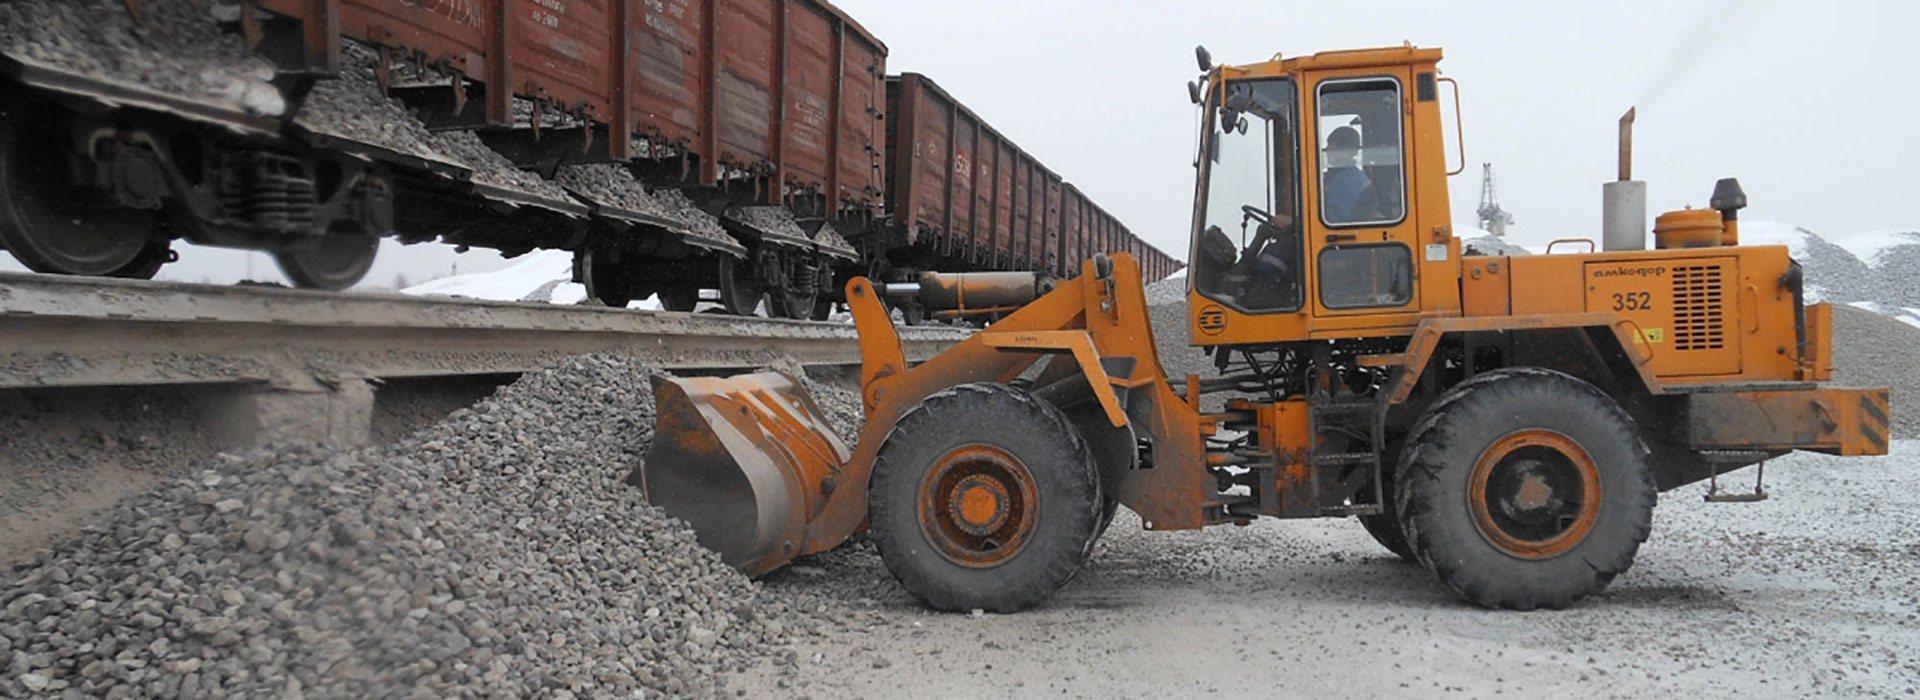 69 тупик в Воркуте железнодорожный